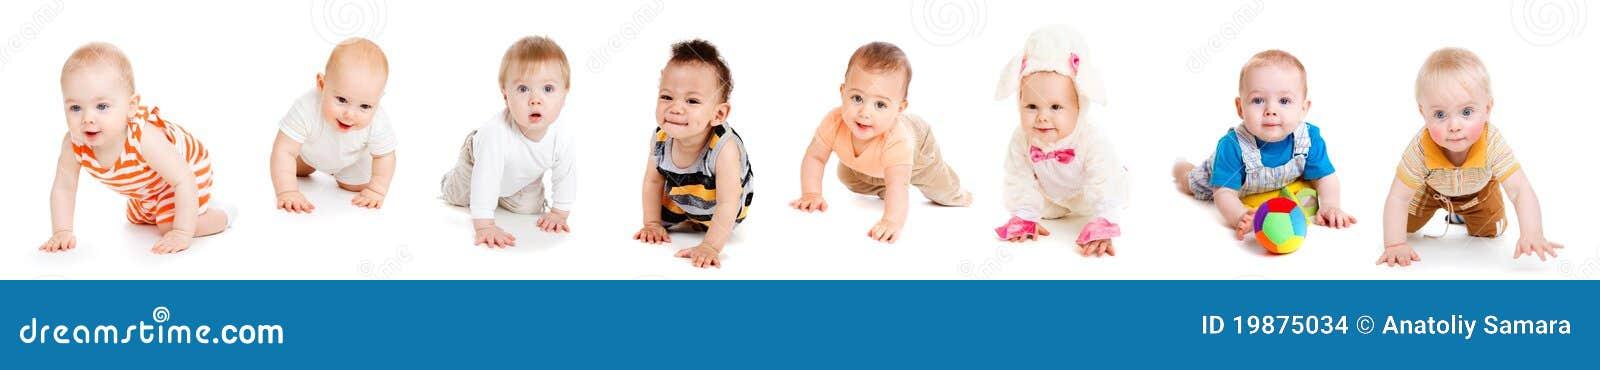 Rastejamento dos bebês